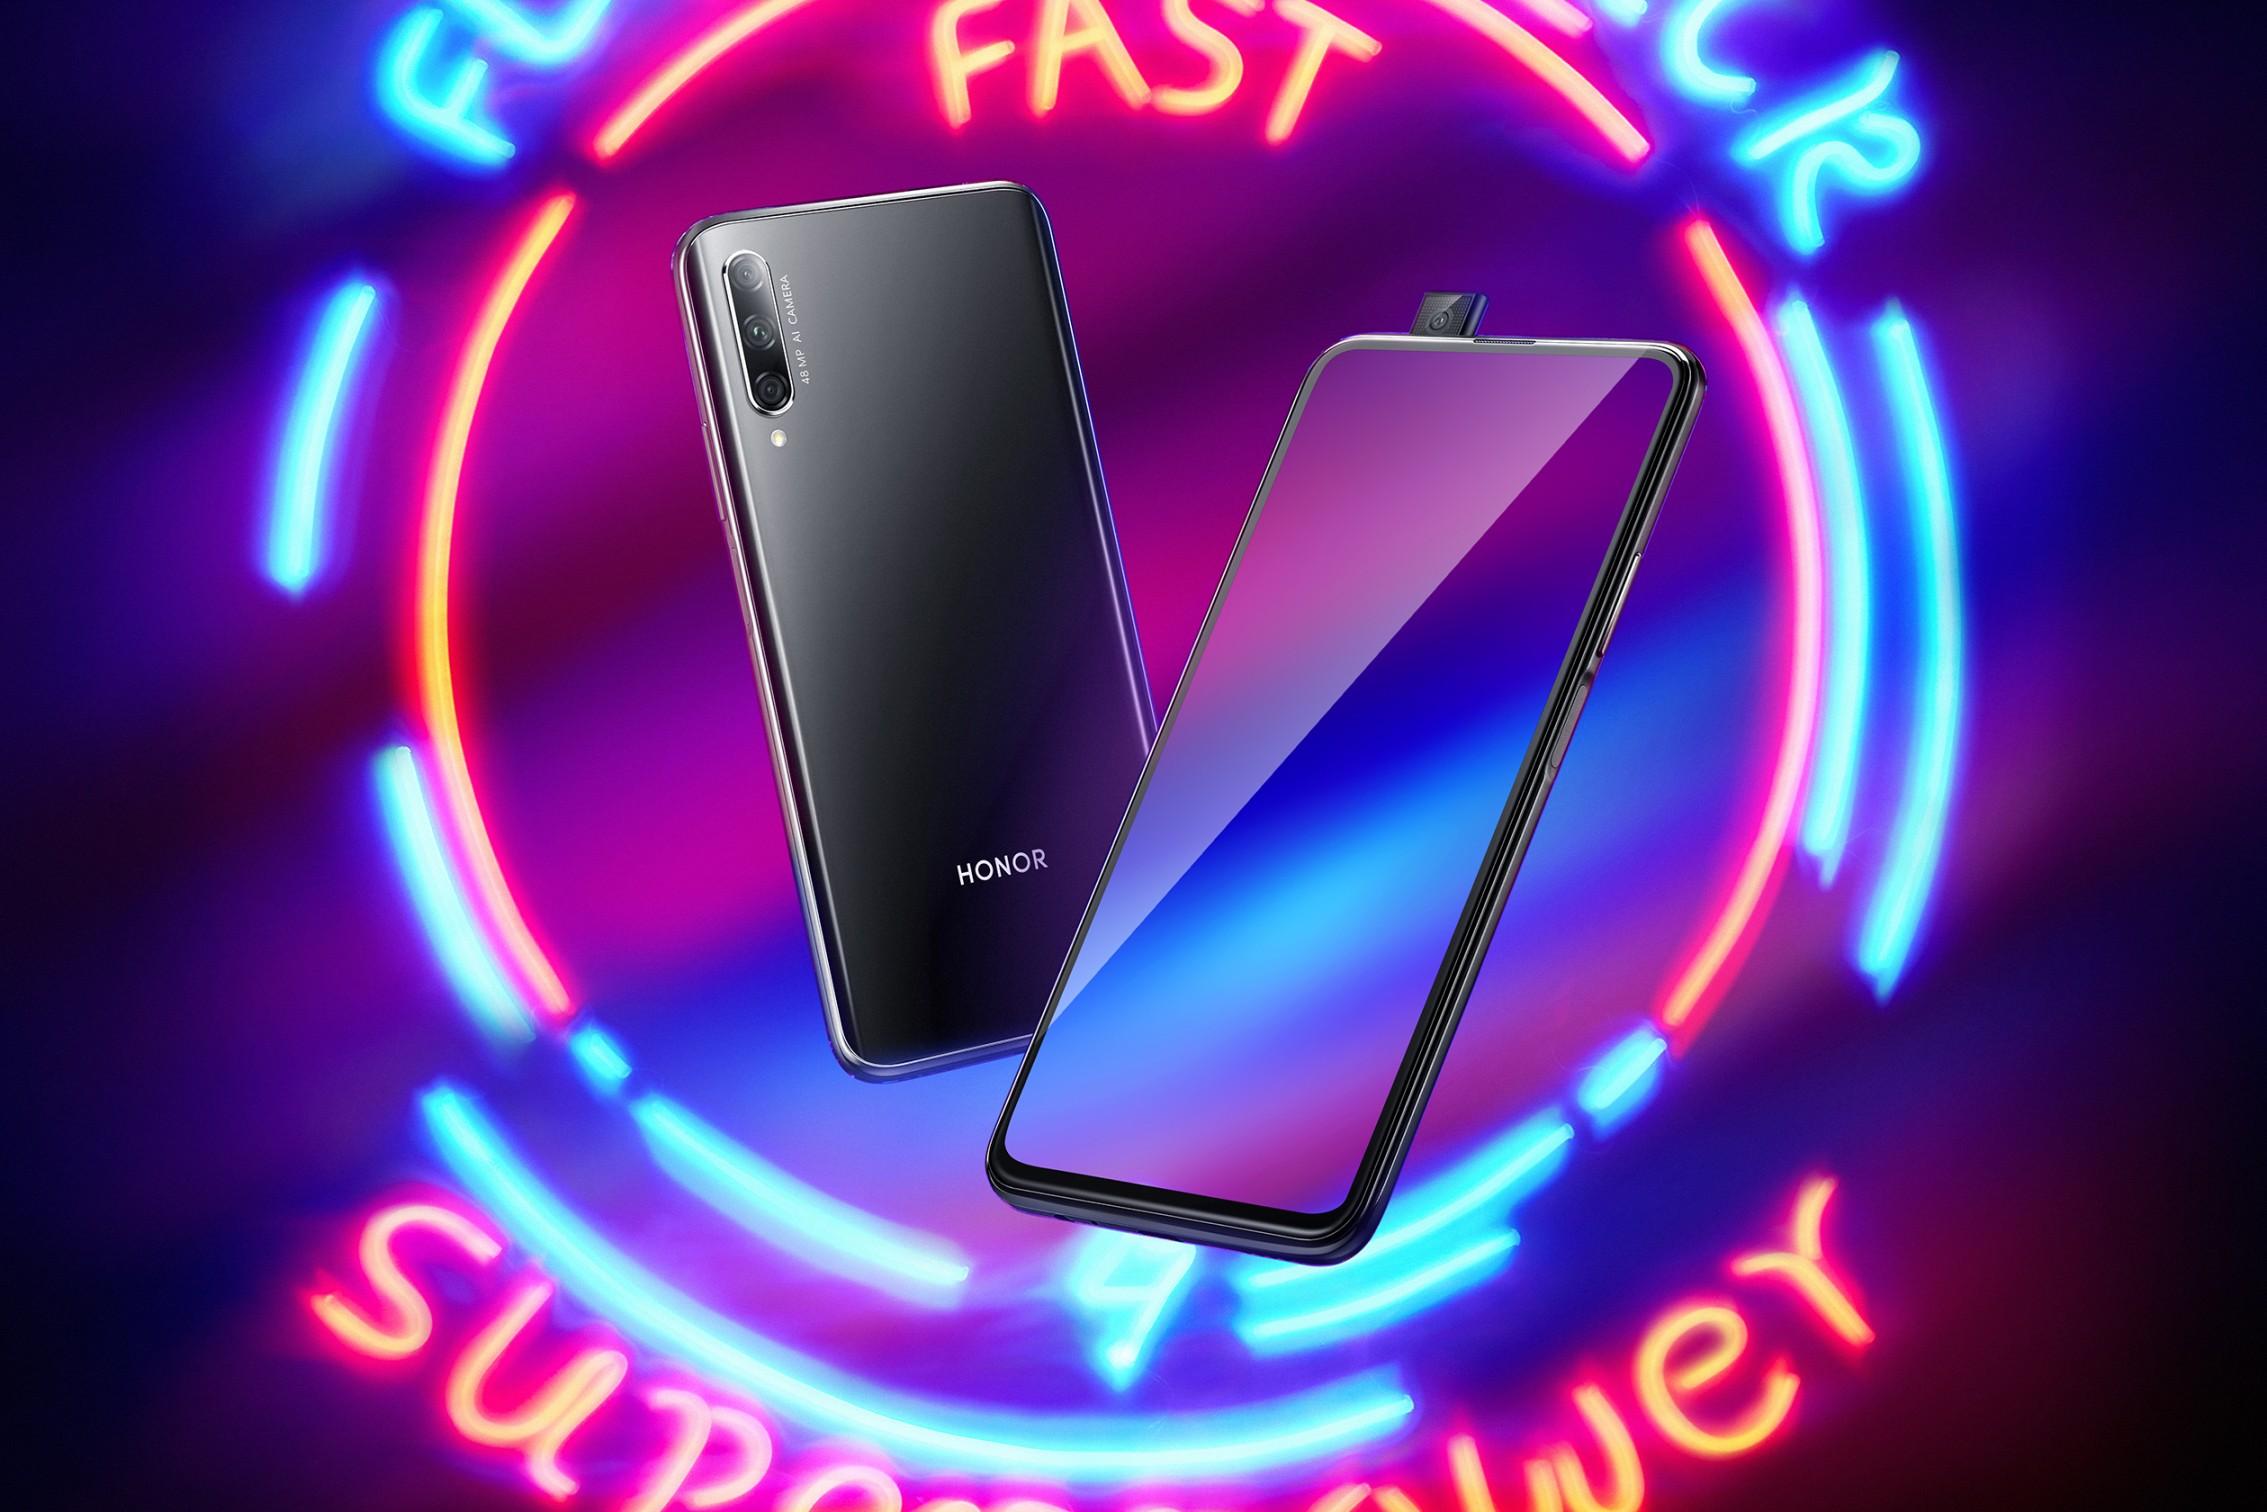 هاتف HONOR 9X PRO متوفر الآن للطلب المسبق في الإمارات